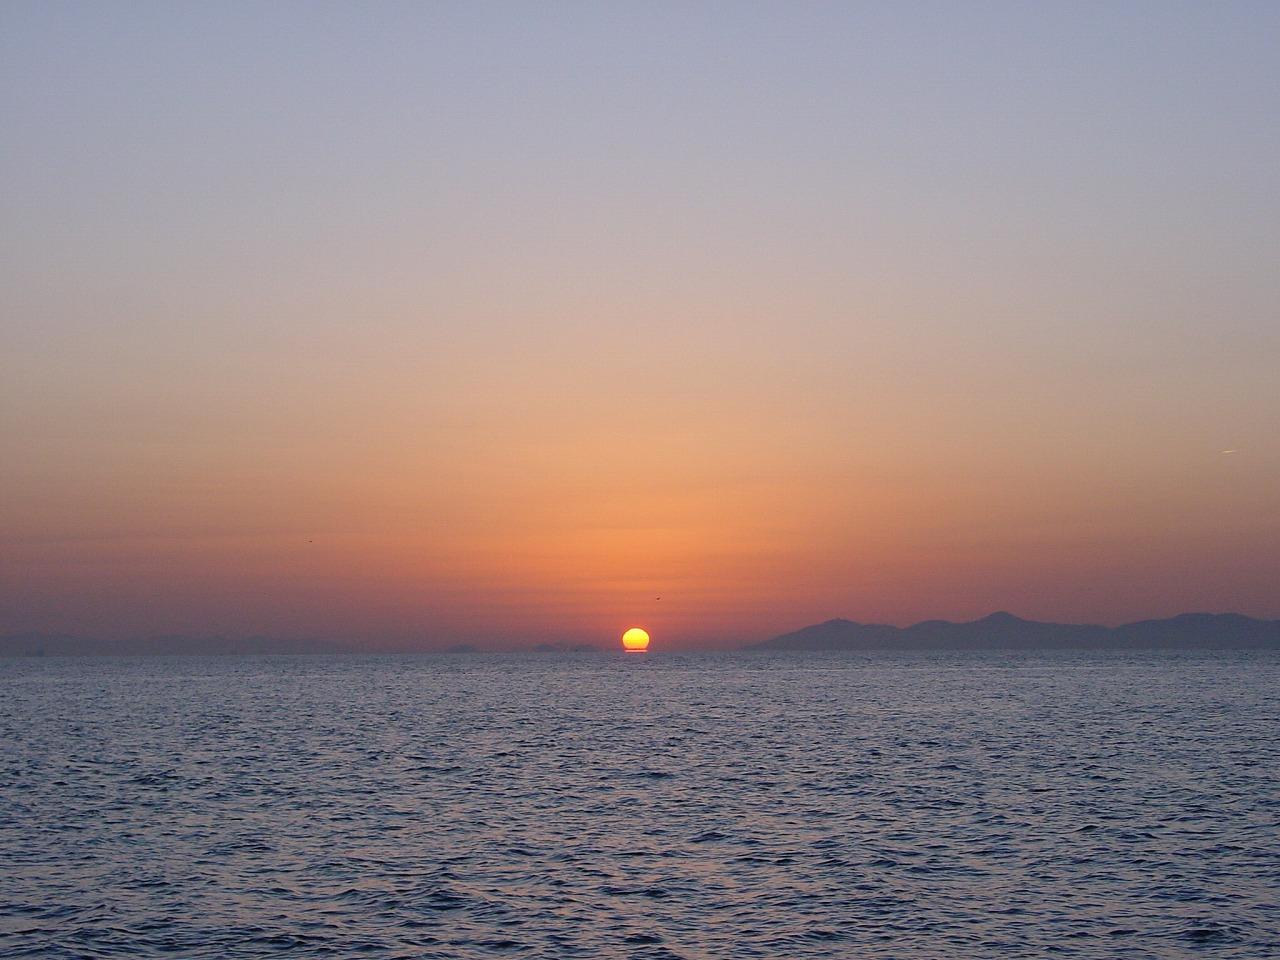 サンライズビーチの朝日